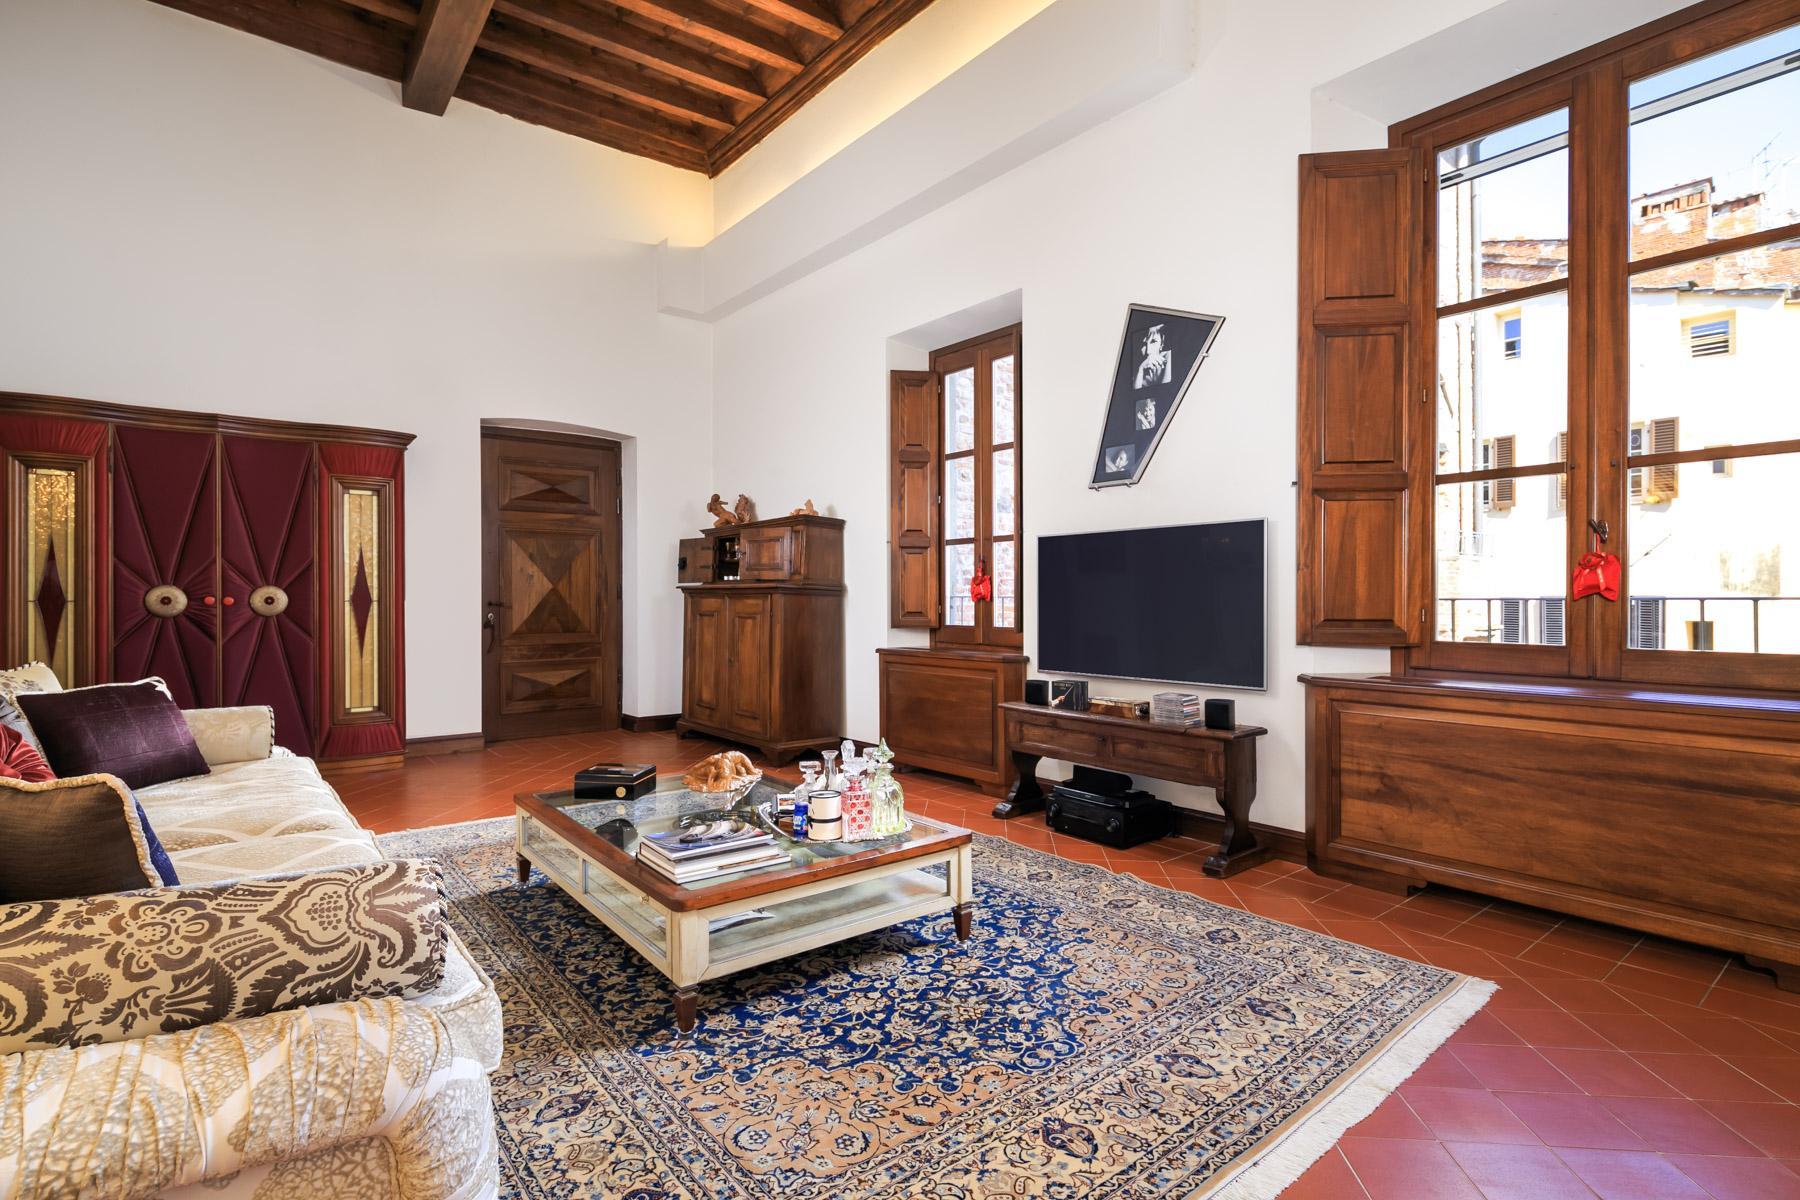 Charmante Wohnung im Herzen von Lucca - 1